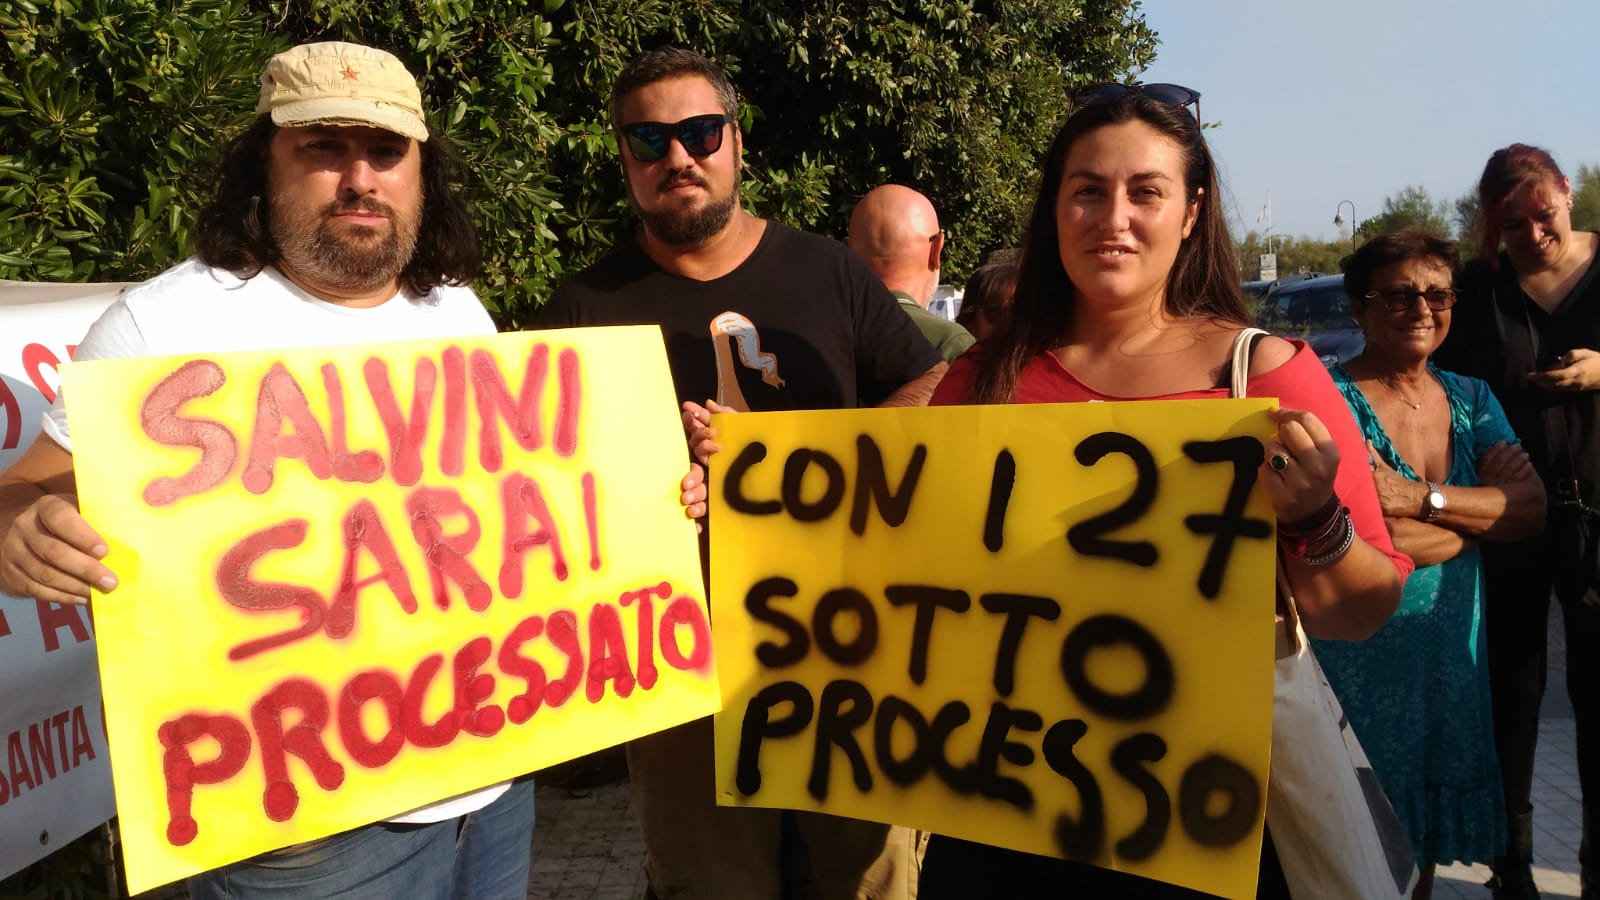 """""""Con i 27 a processo"""", Salvini contestato in Versiliana. Il vice premier dal palco su Genova: """"Non vogliamo un'altra Viareggio"""""""